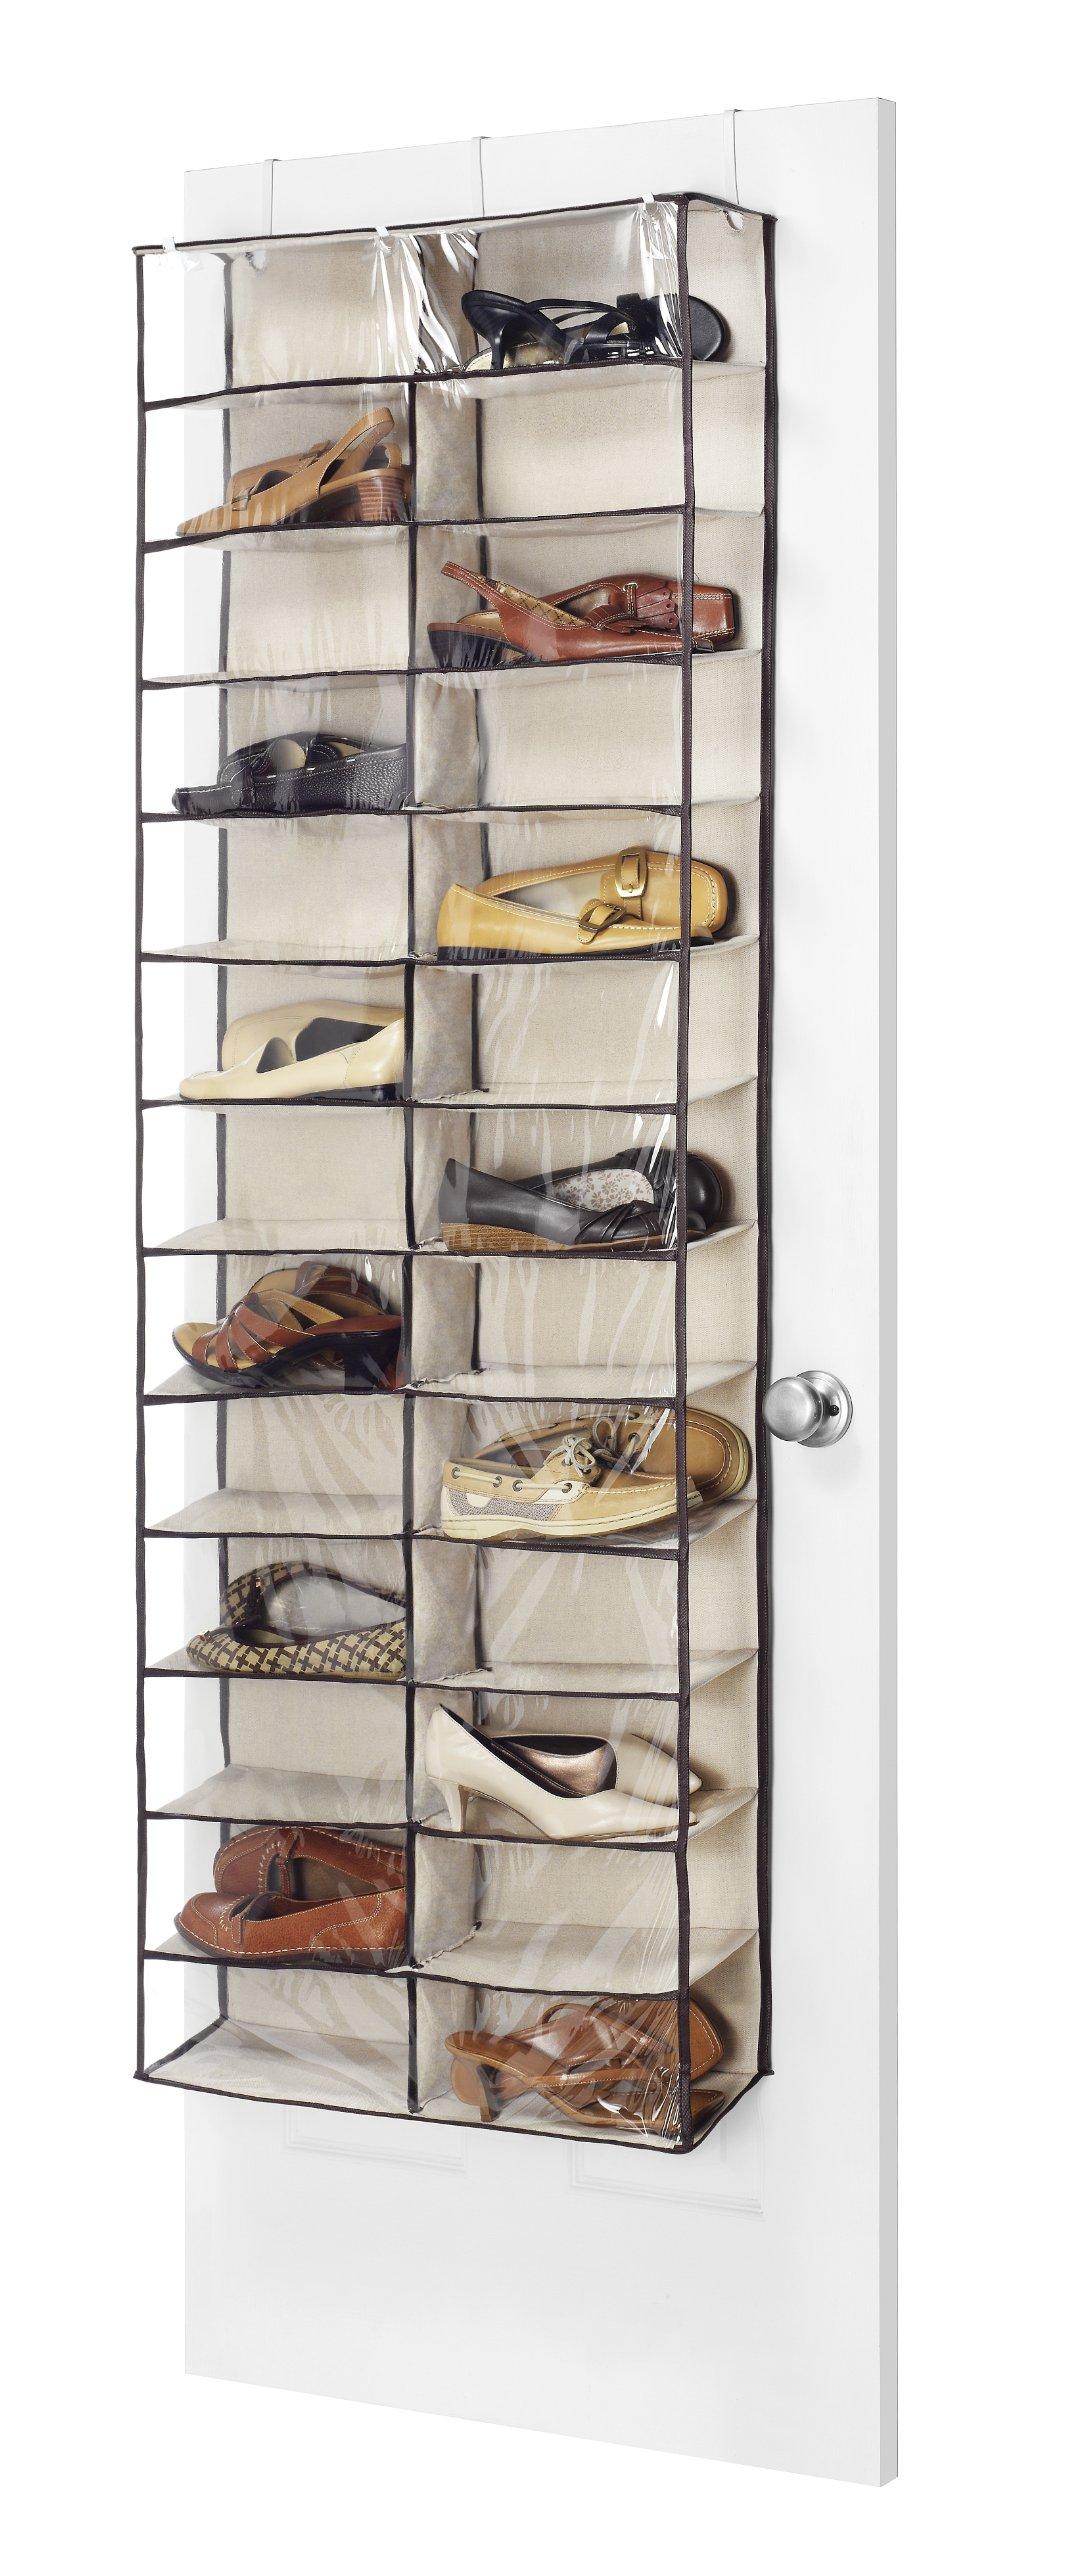 Whitmor Over The Door Shoe Shelves - 26 Sections - Espresso